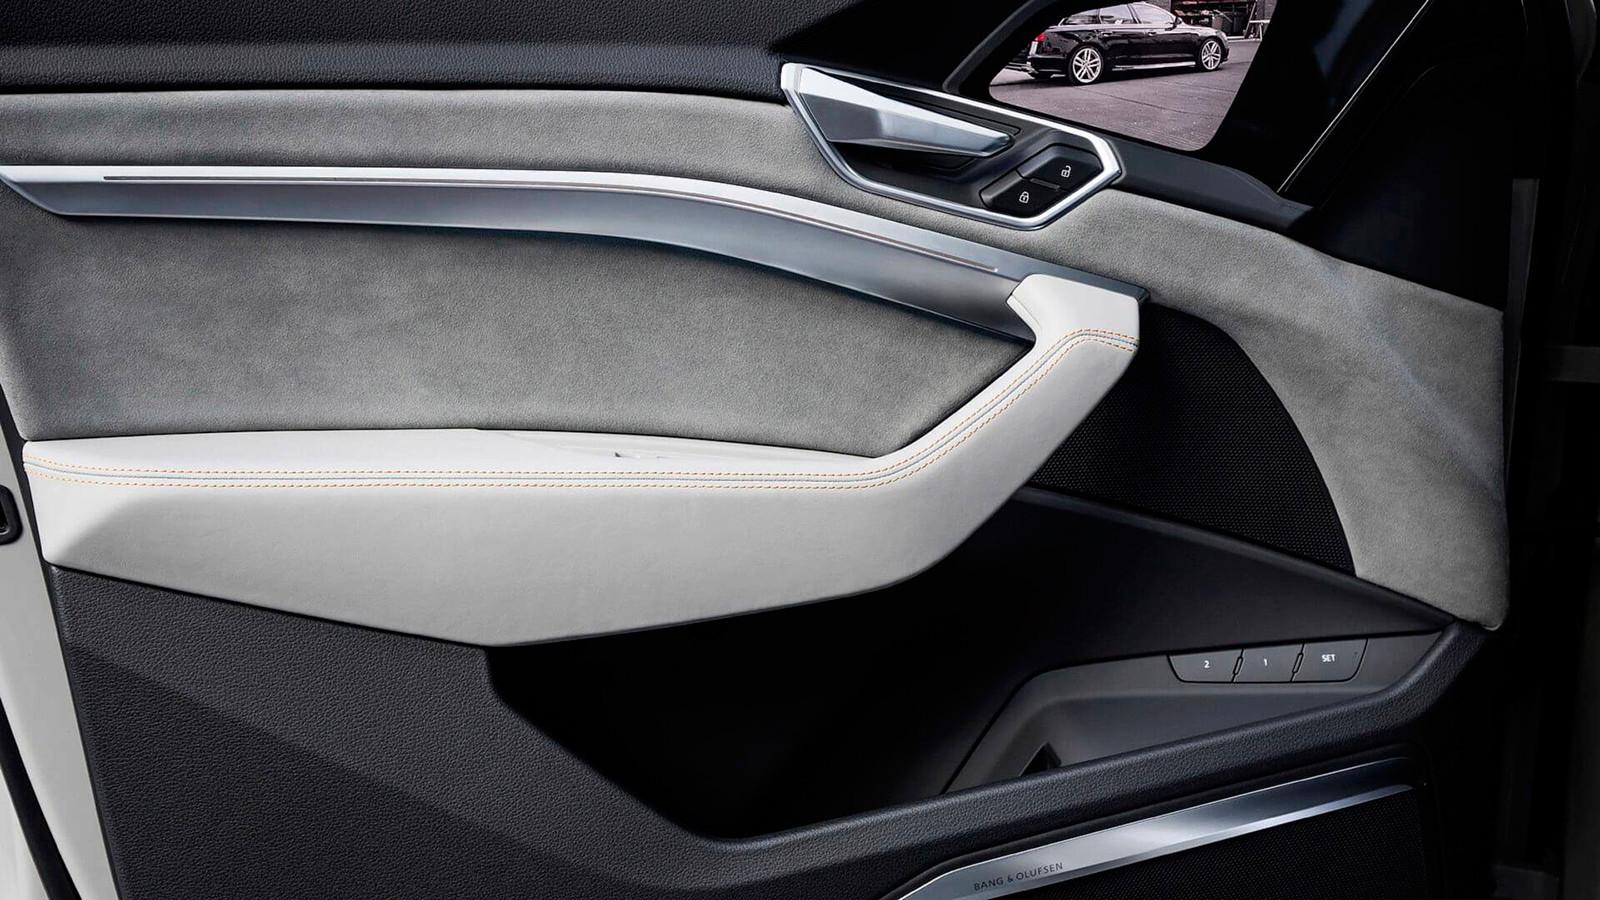 Foto de El habitáculo del Audi e-tron, al descubierto (14/19)